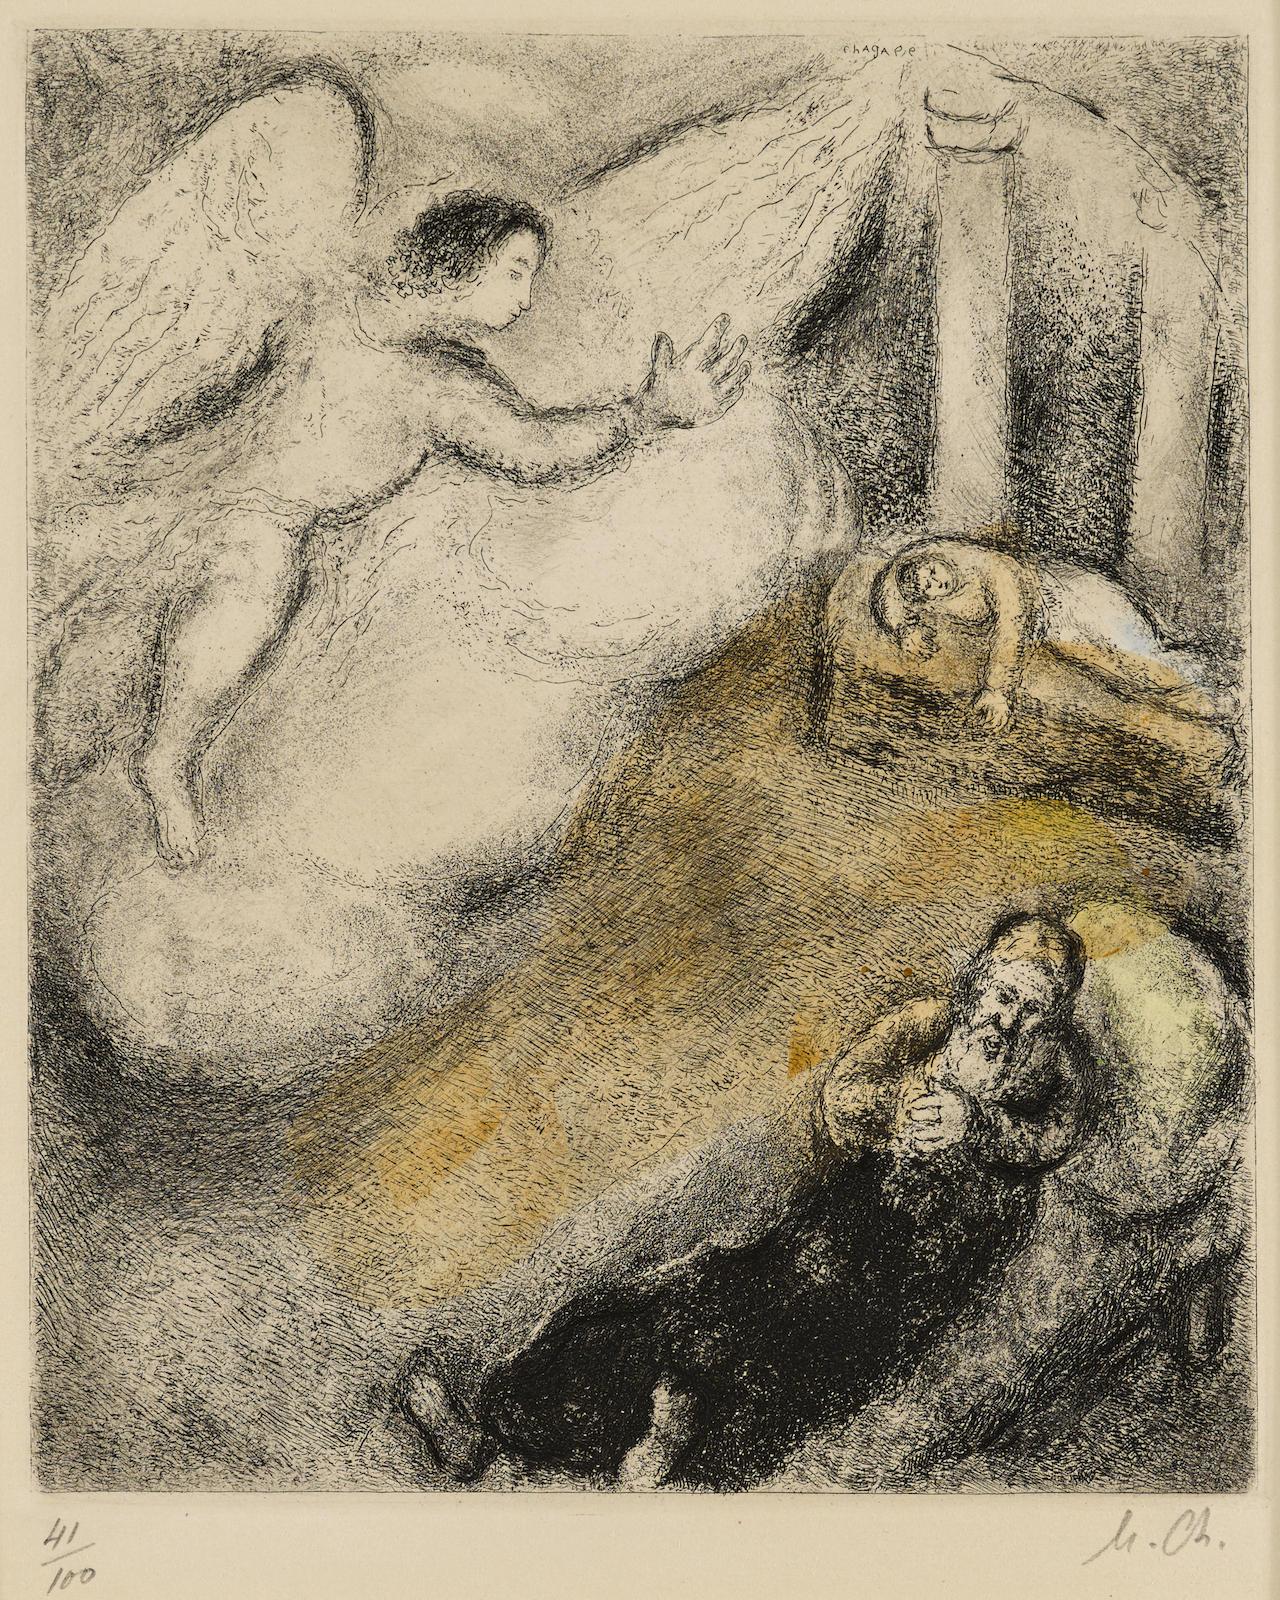 Marc Chagall-Samuel appelé par Dieu, pl. 59, from La Bible (V. 257; C. bk. 30)-1939